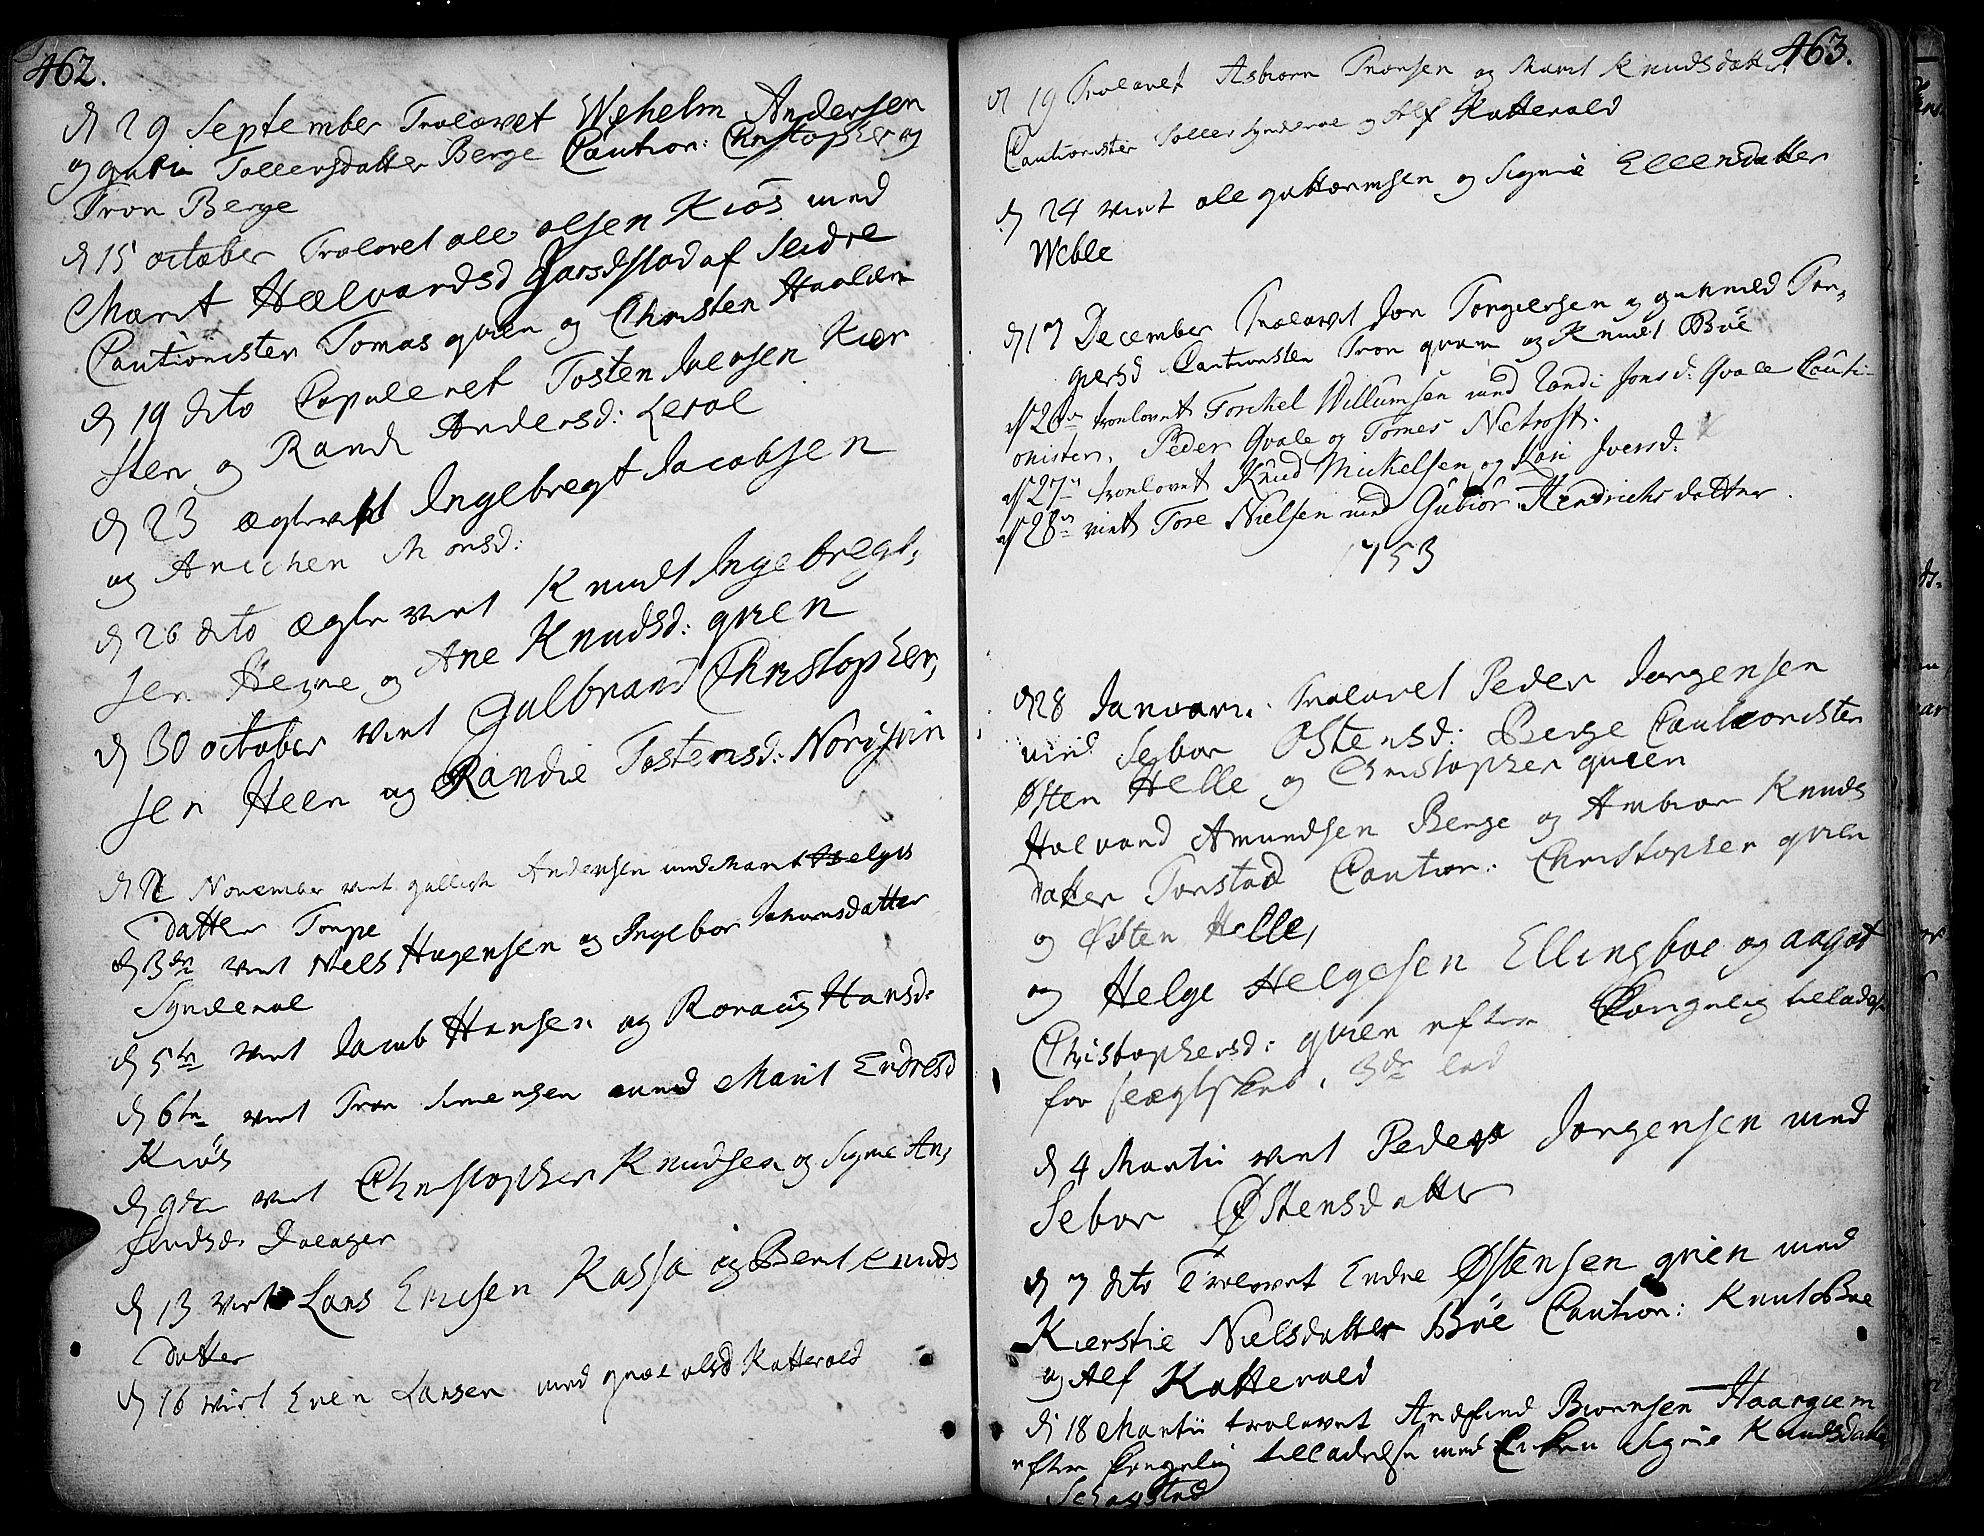 SAH, Vang prestekontor, Valdres, Ministerialbok nr. 1, 1730-1796, s. 462-463